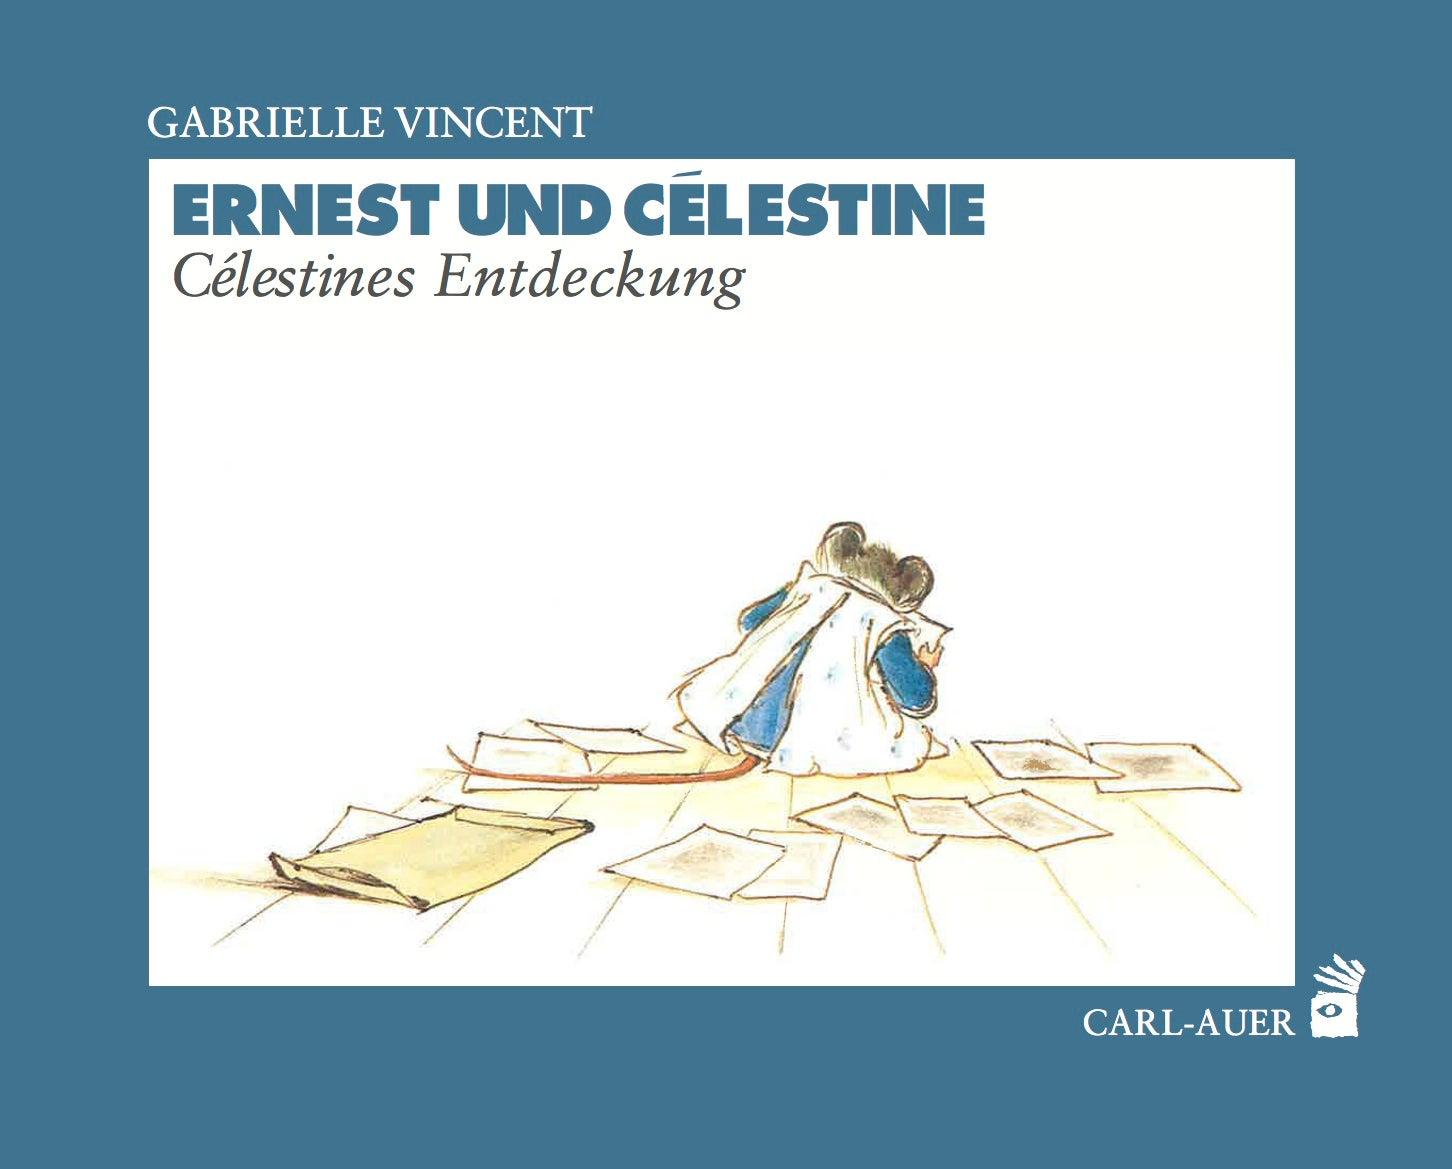 Ernst und Célestine